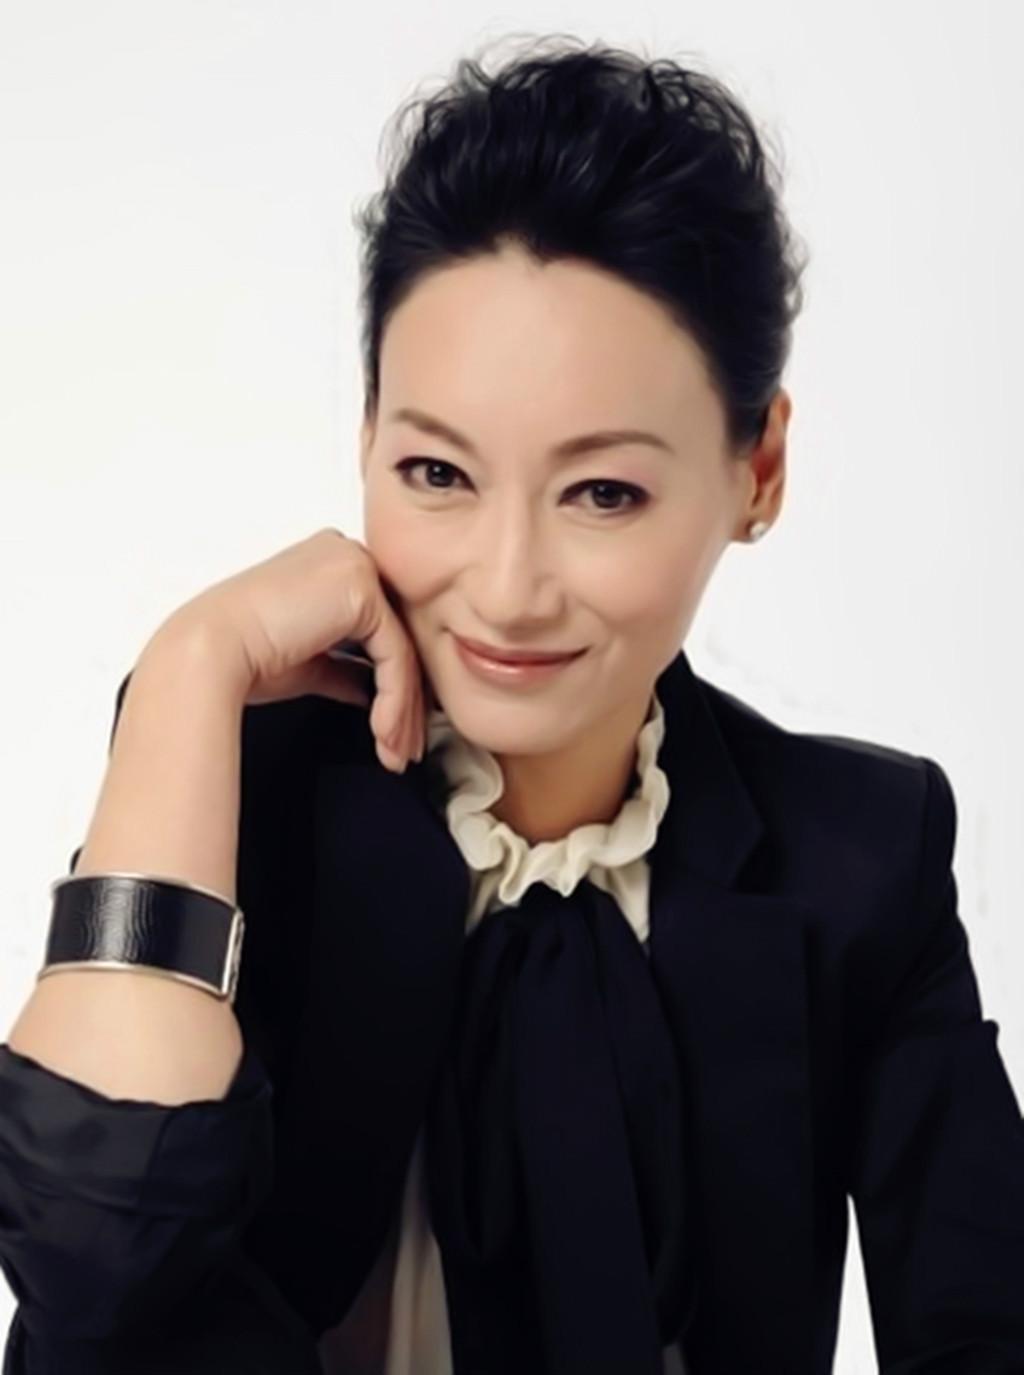 [爱八卦]56岁惠英红自曝还憧憬爱情:一直在等对的人